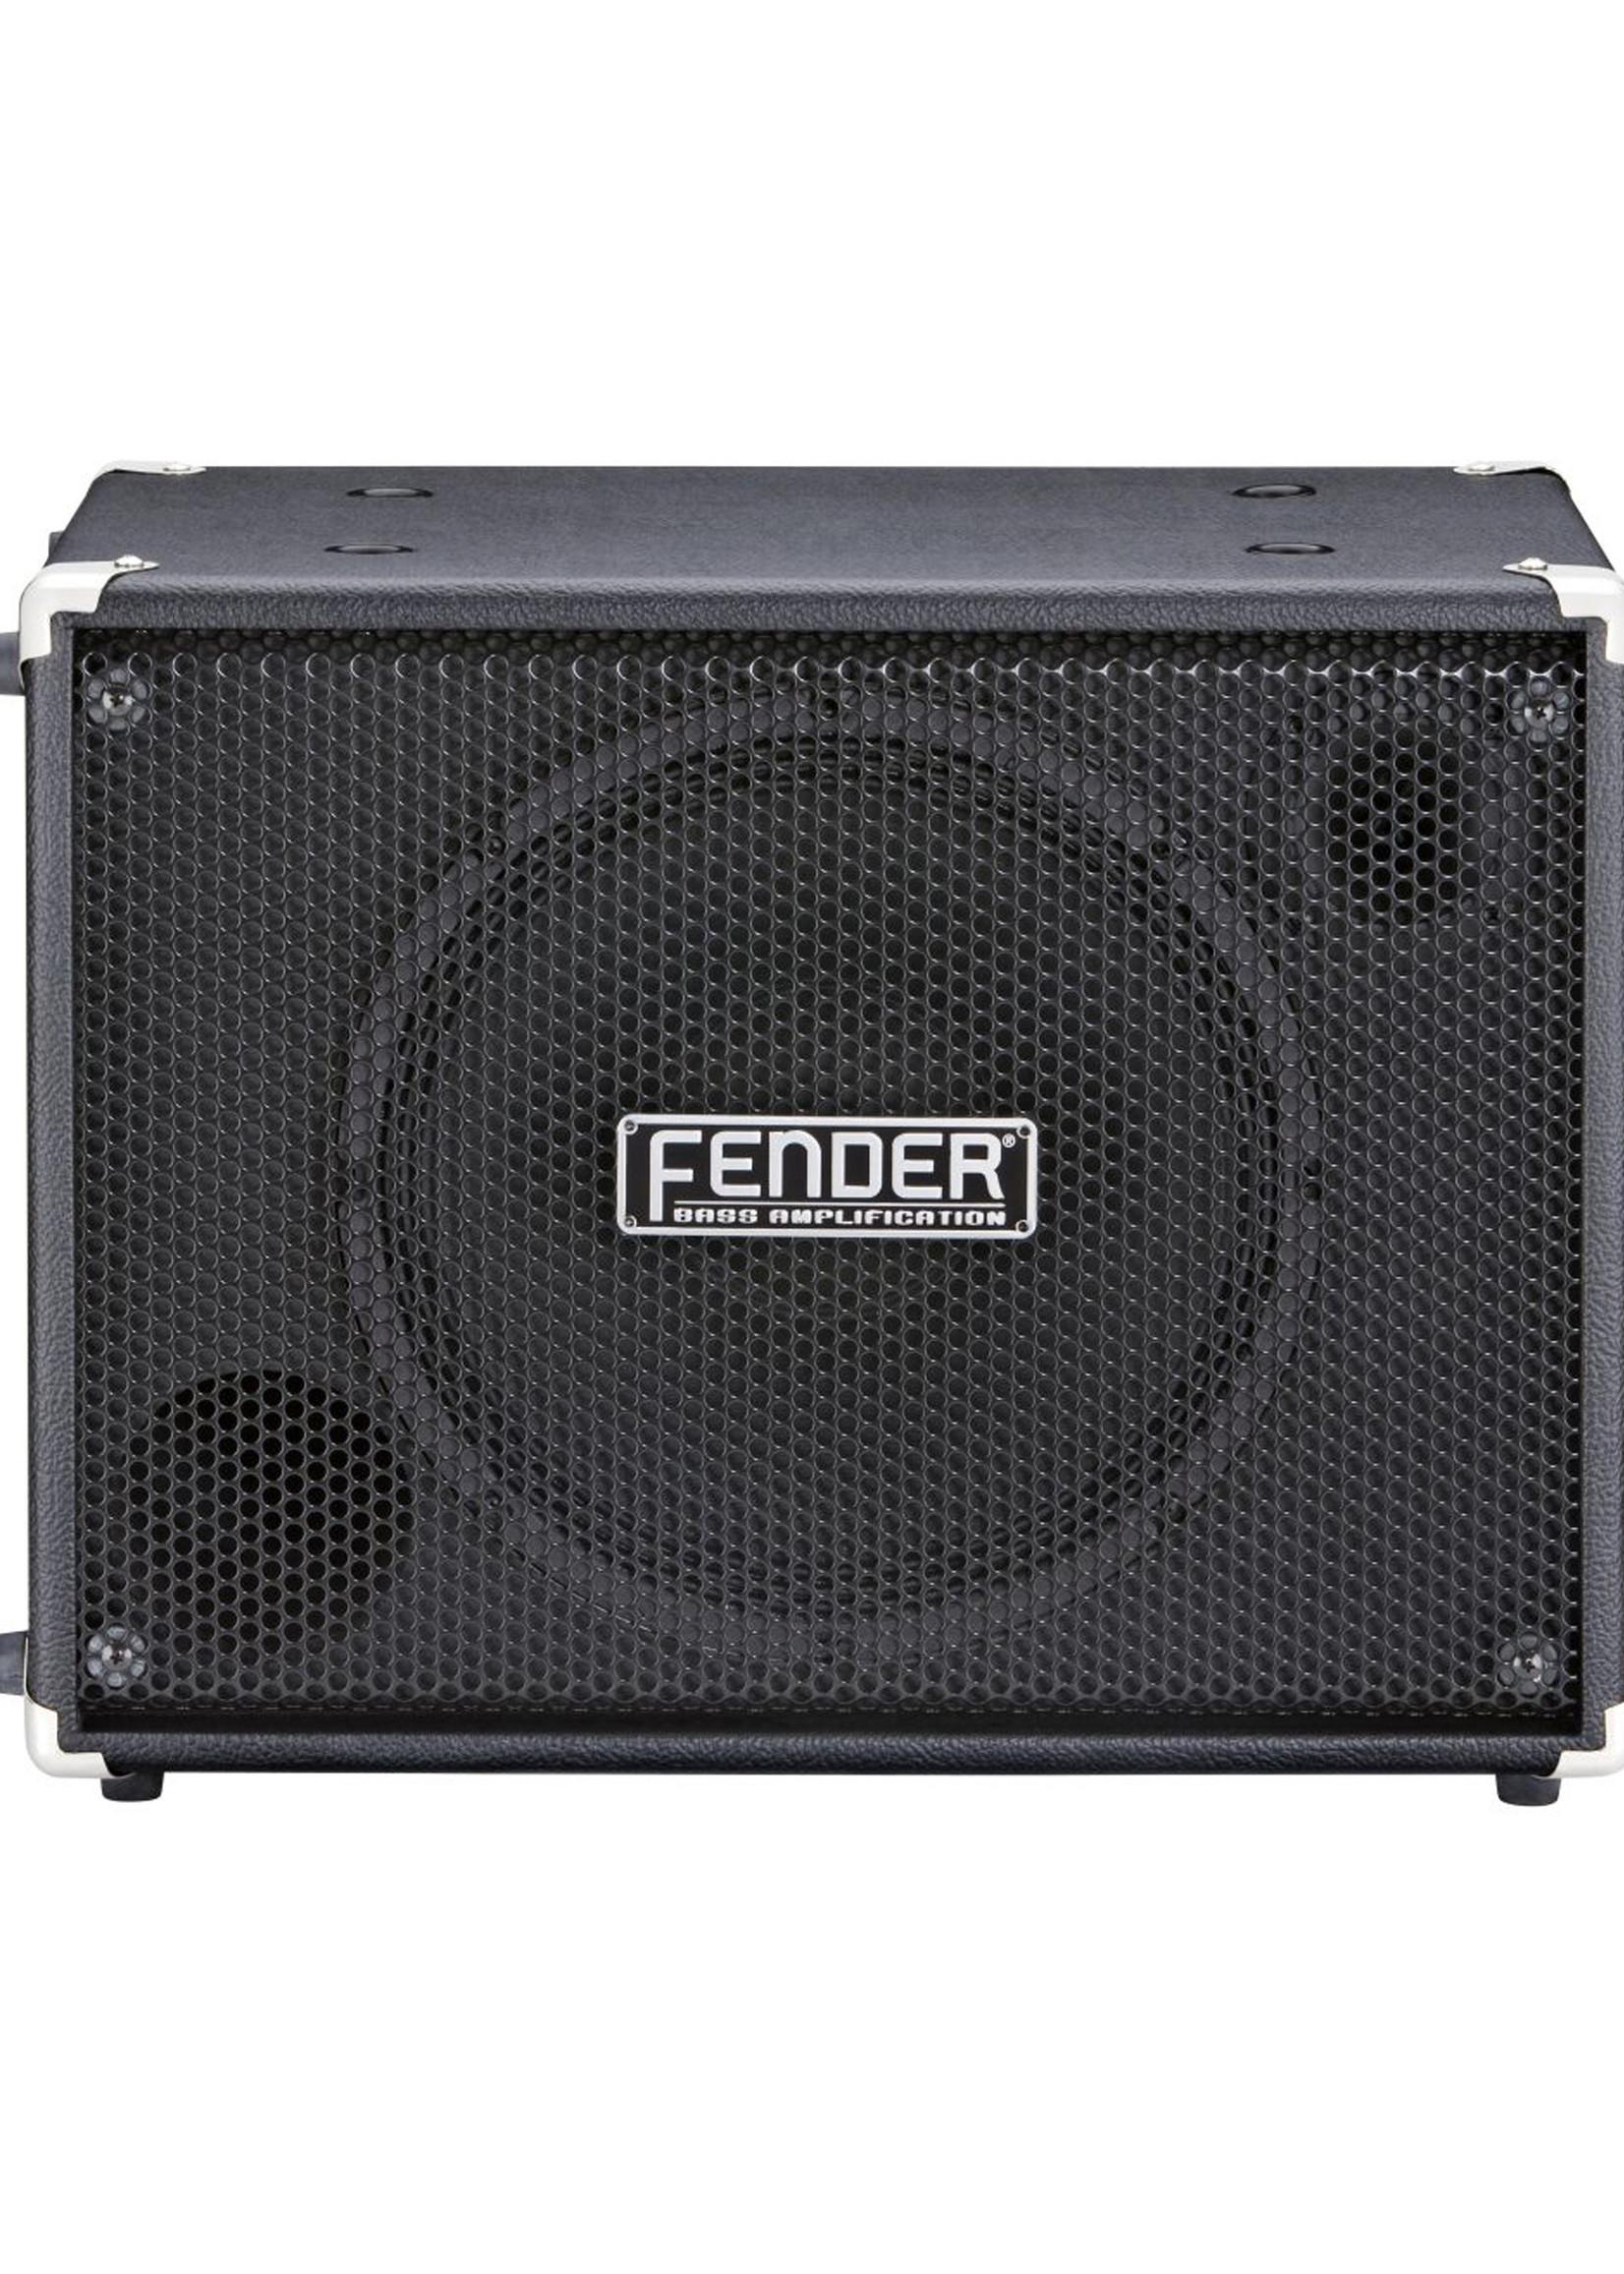 Fender Fender Rumble 112